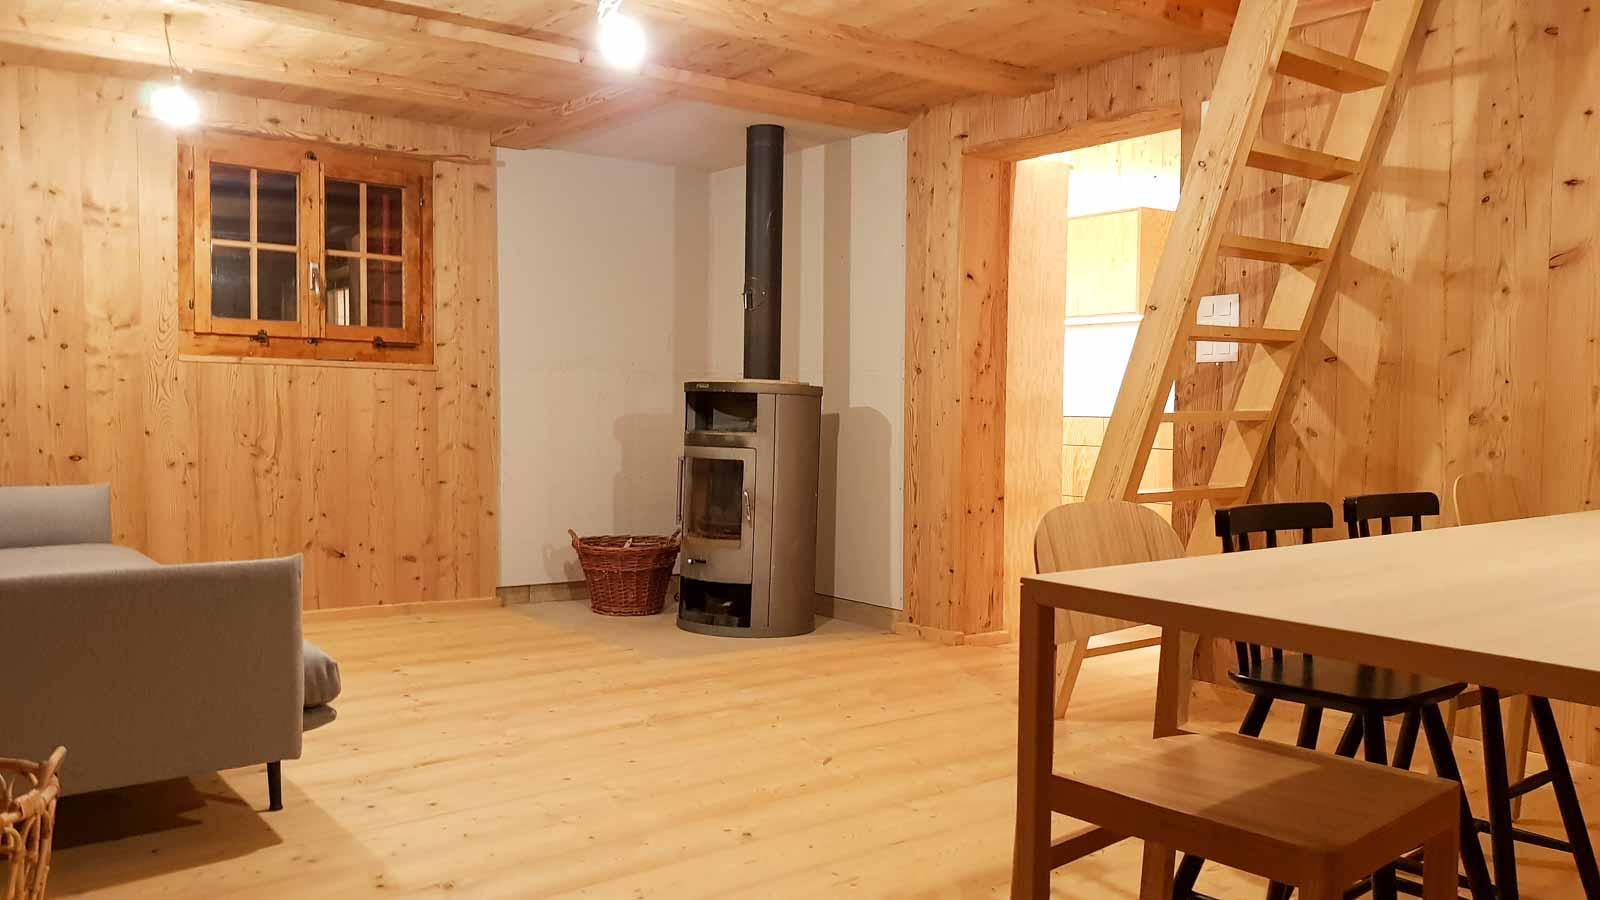 Wooddesign_Holzdesign_Innenausbau Ferienhaus_Altholz_Ferienwohnung_Ferienchalet_Schwarzsee_ Umbau (5)